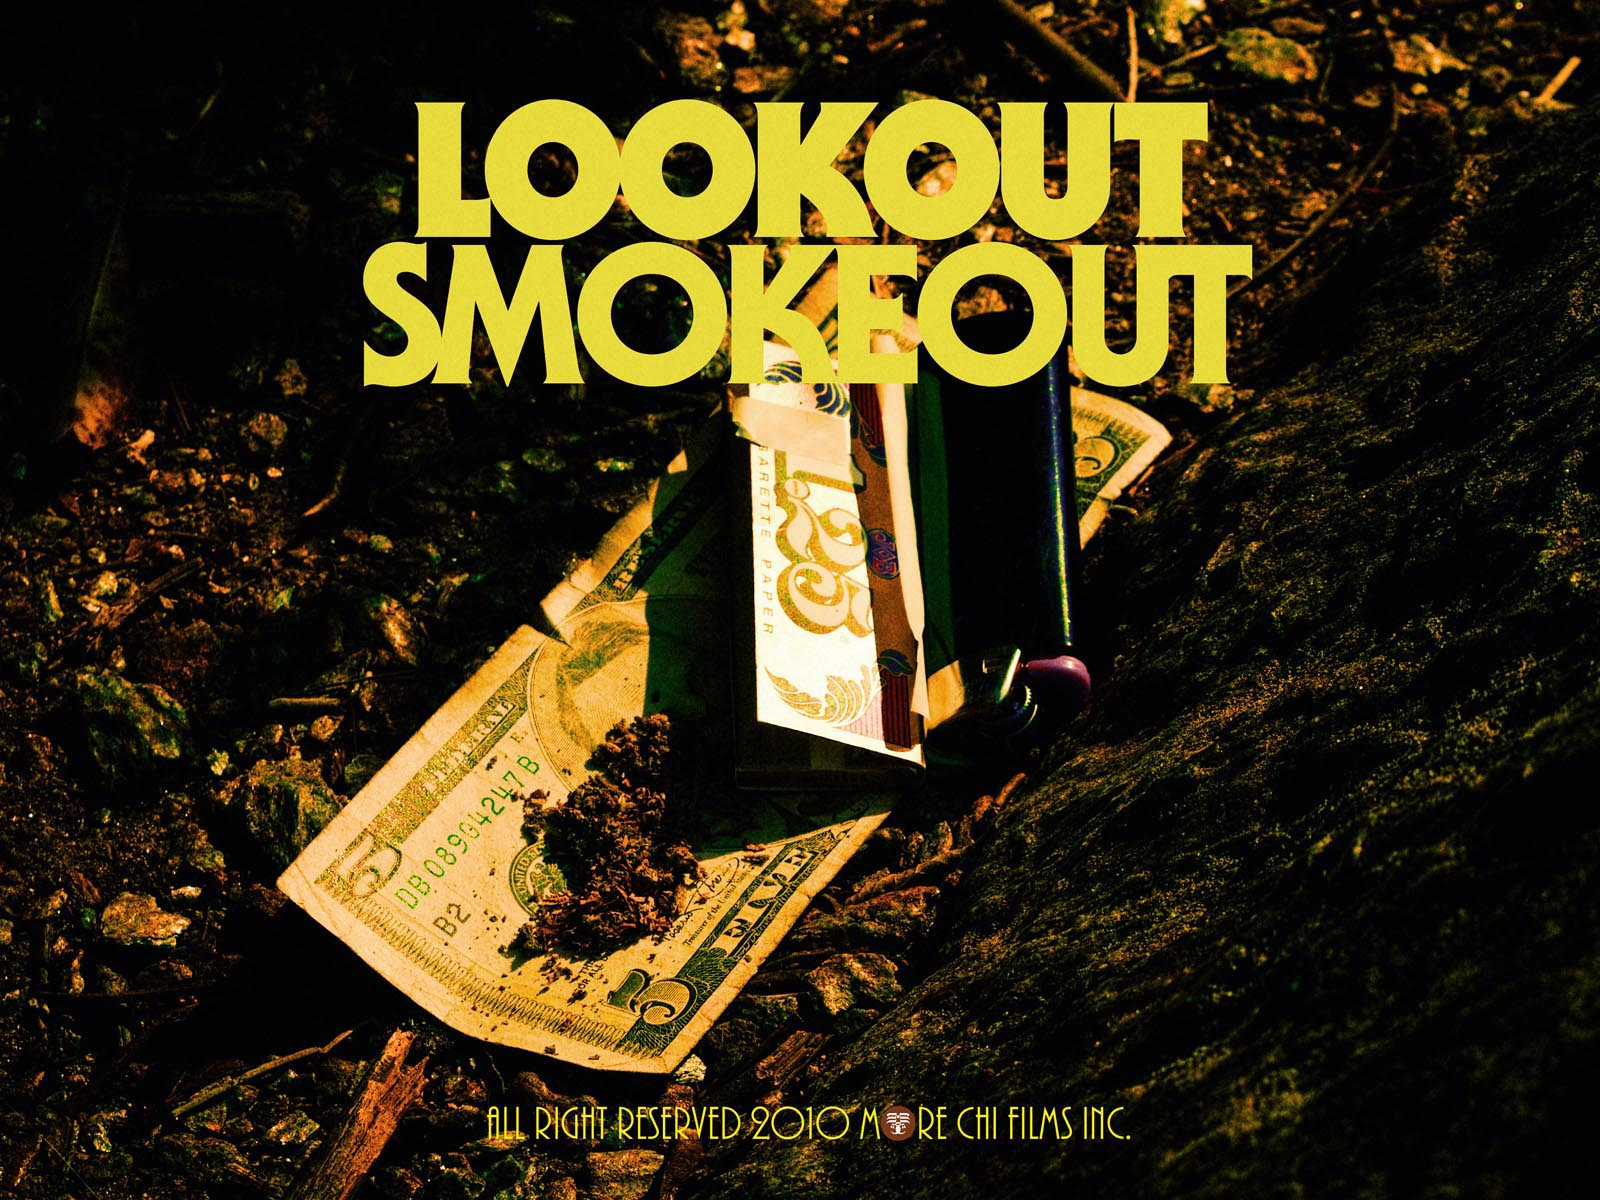 wallpaper_lookoutsmokeout.jpg